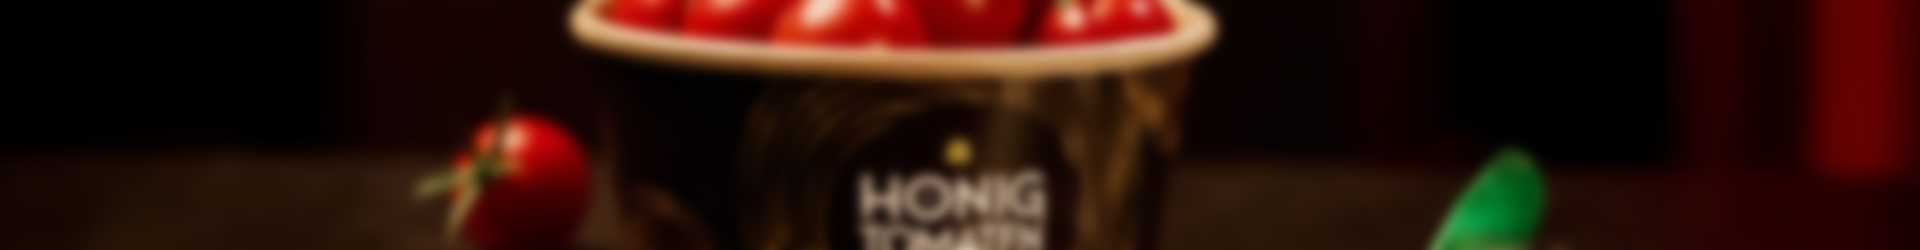 honingtomaten